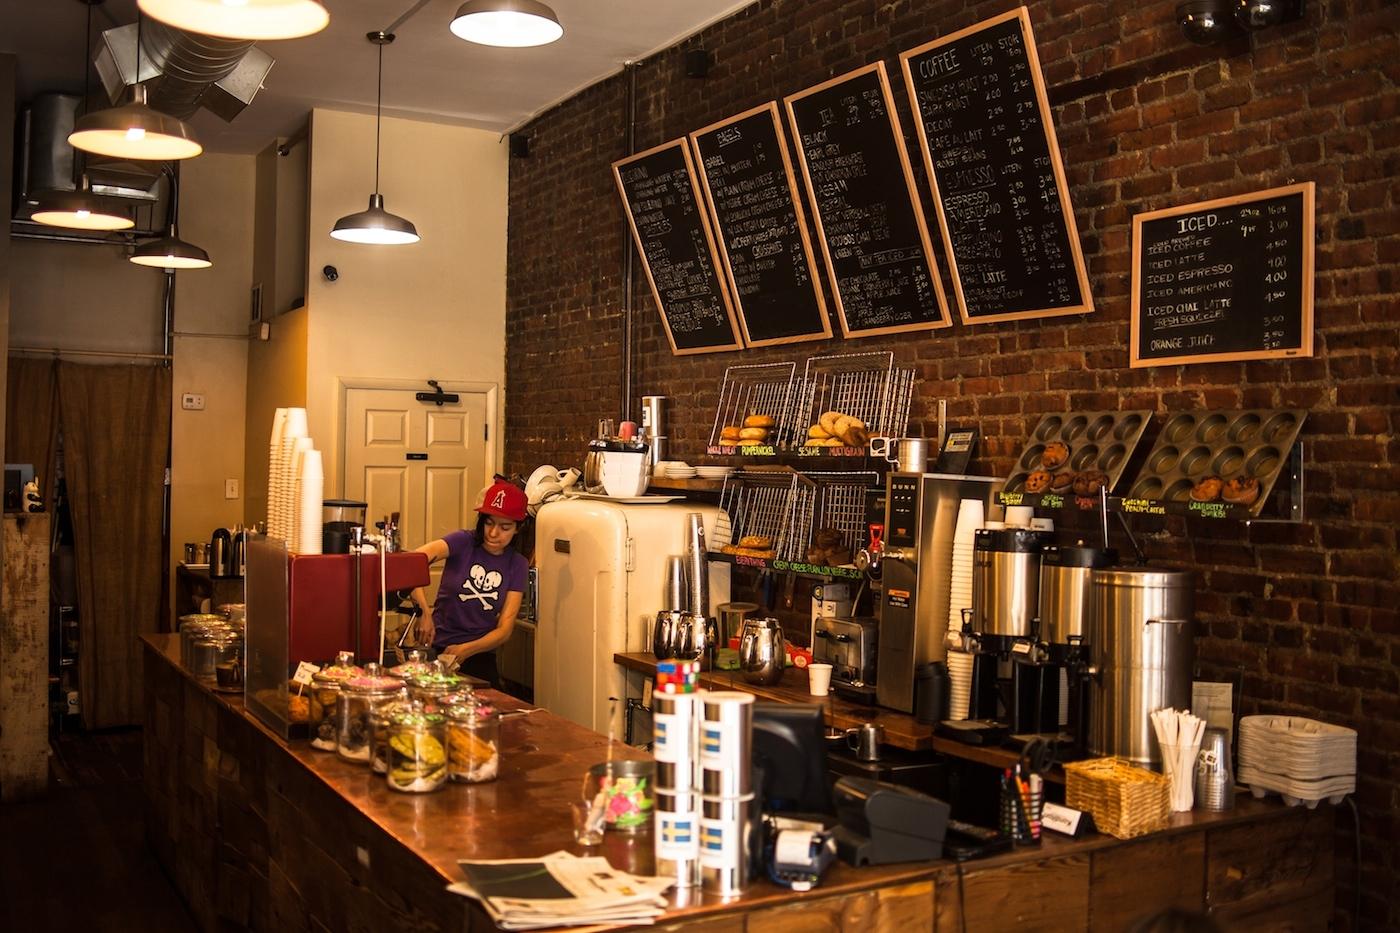 мини кофейня как бизнес